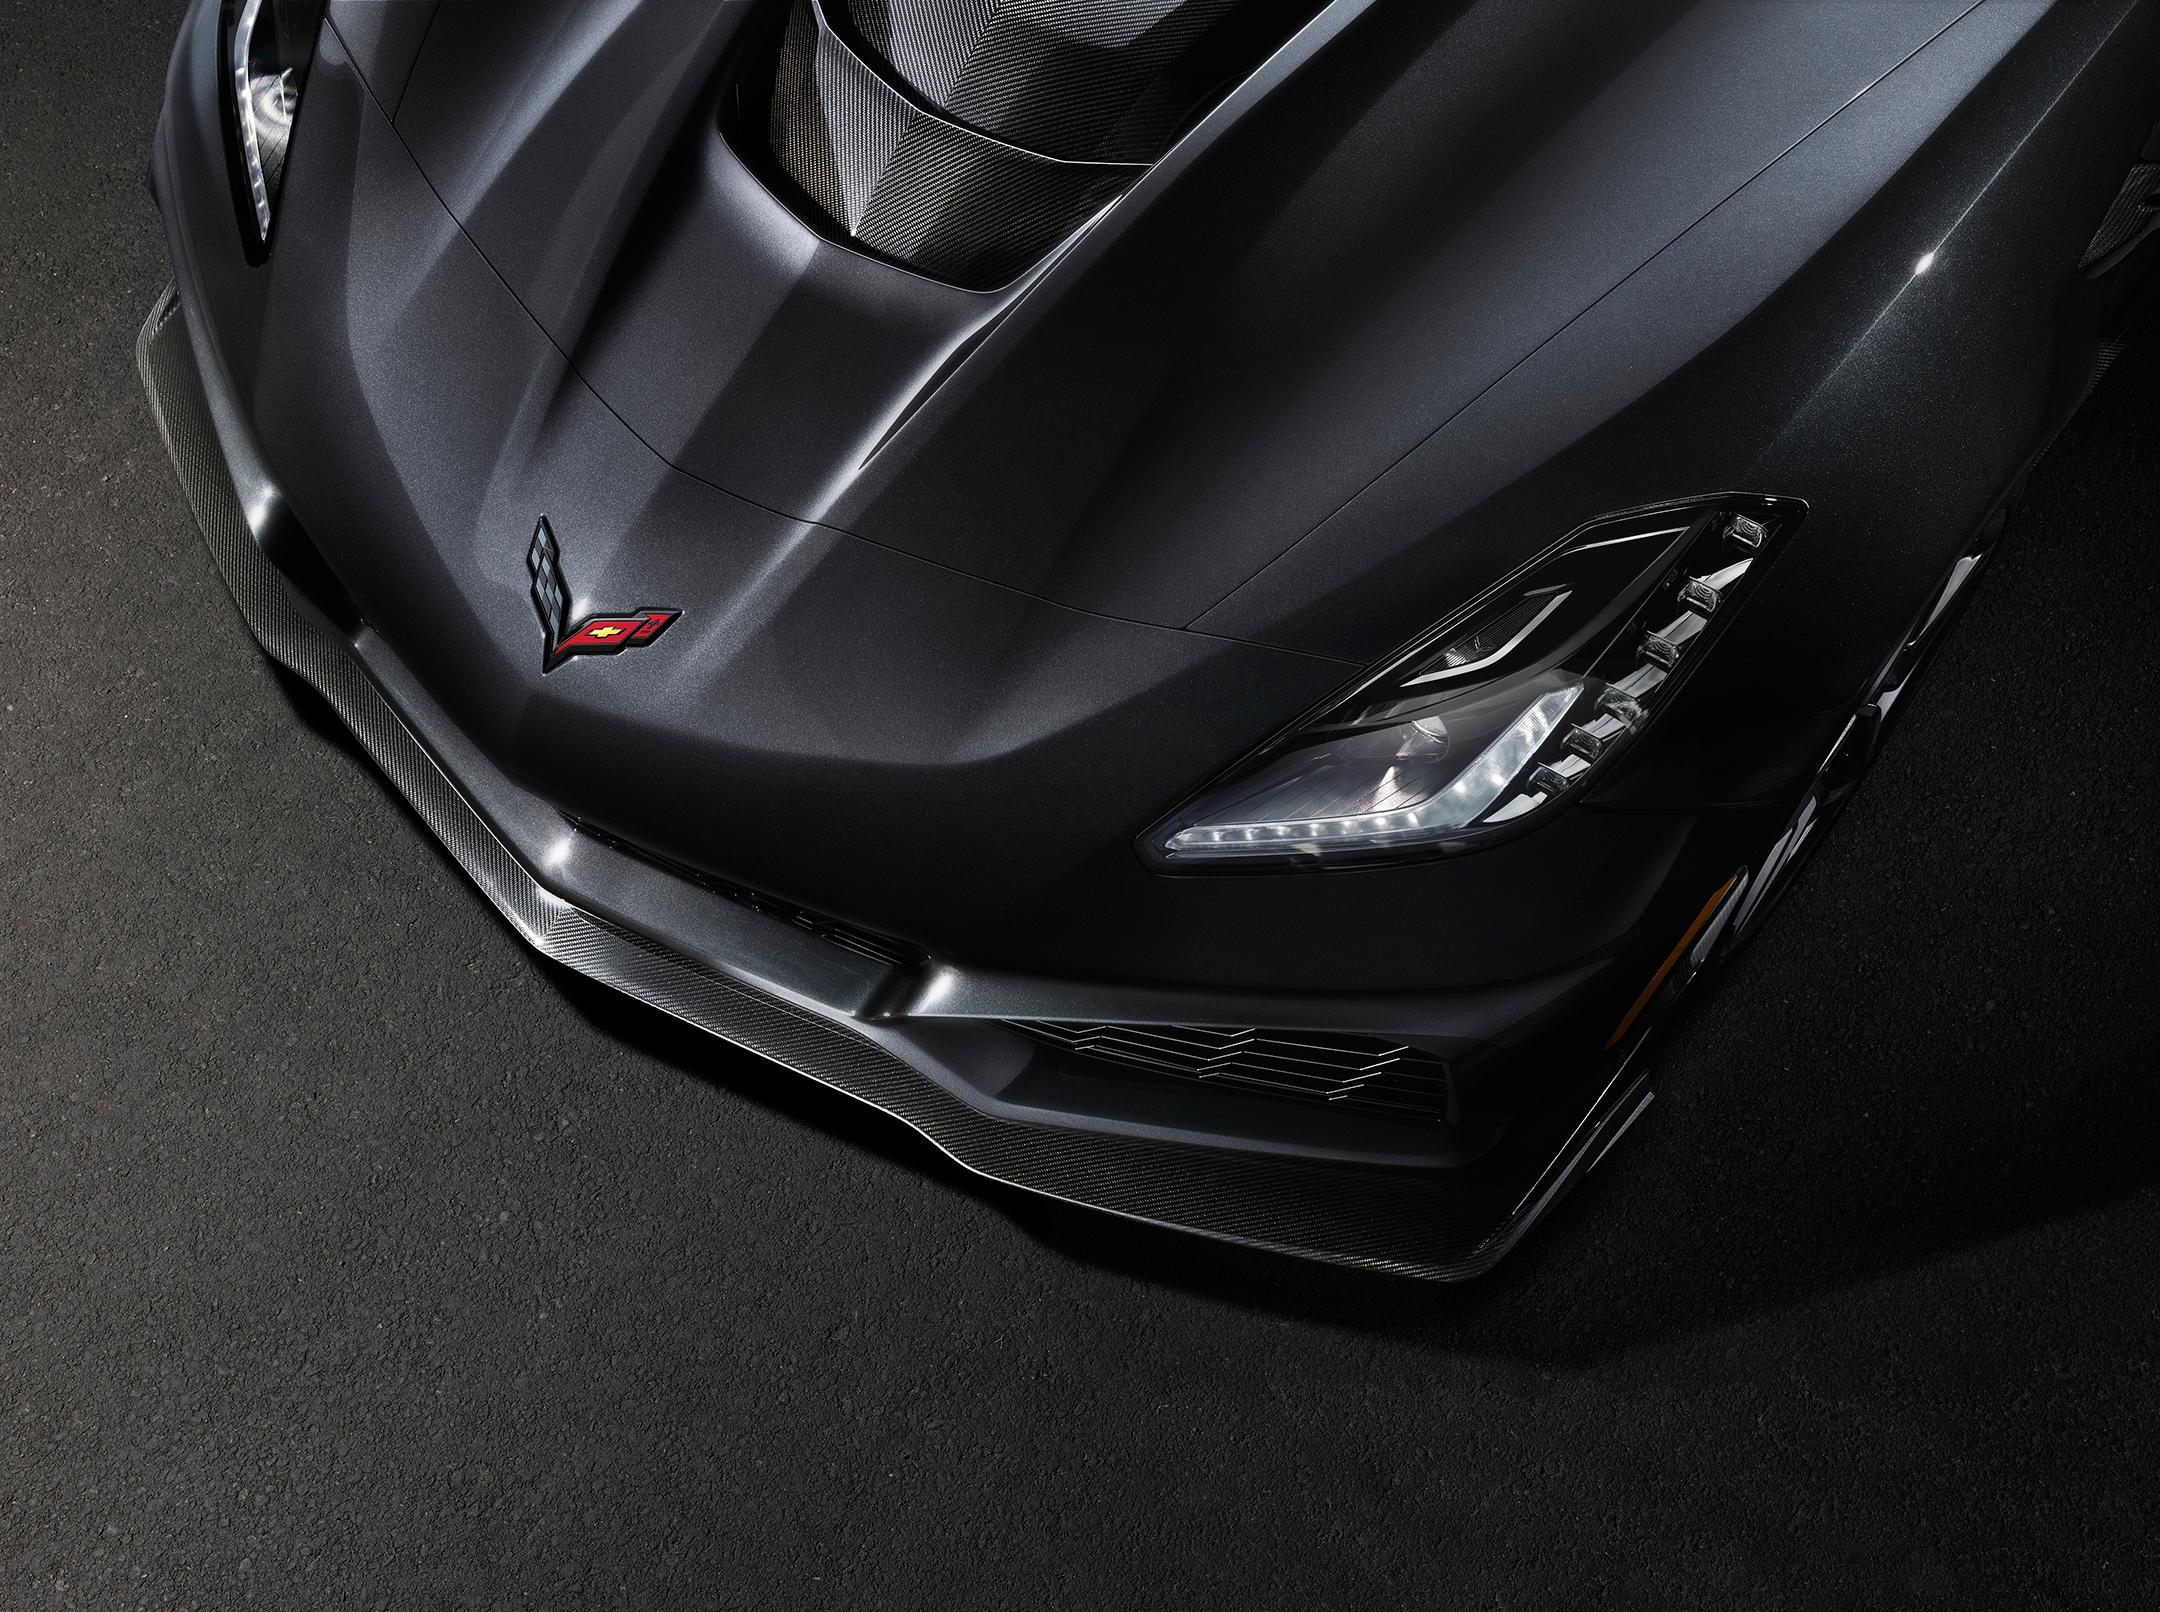 Chevrolet Corvette ZR1 - 2019 - front light